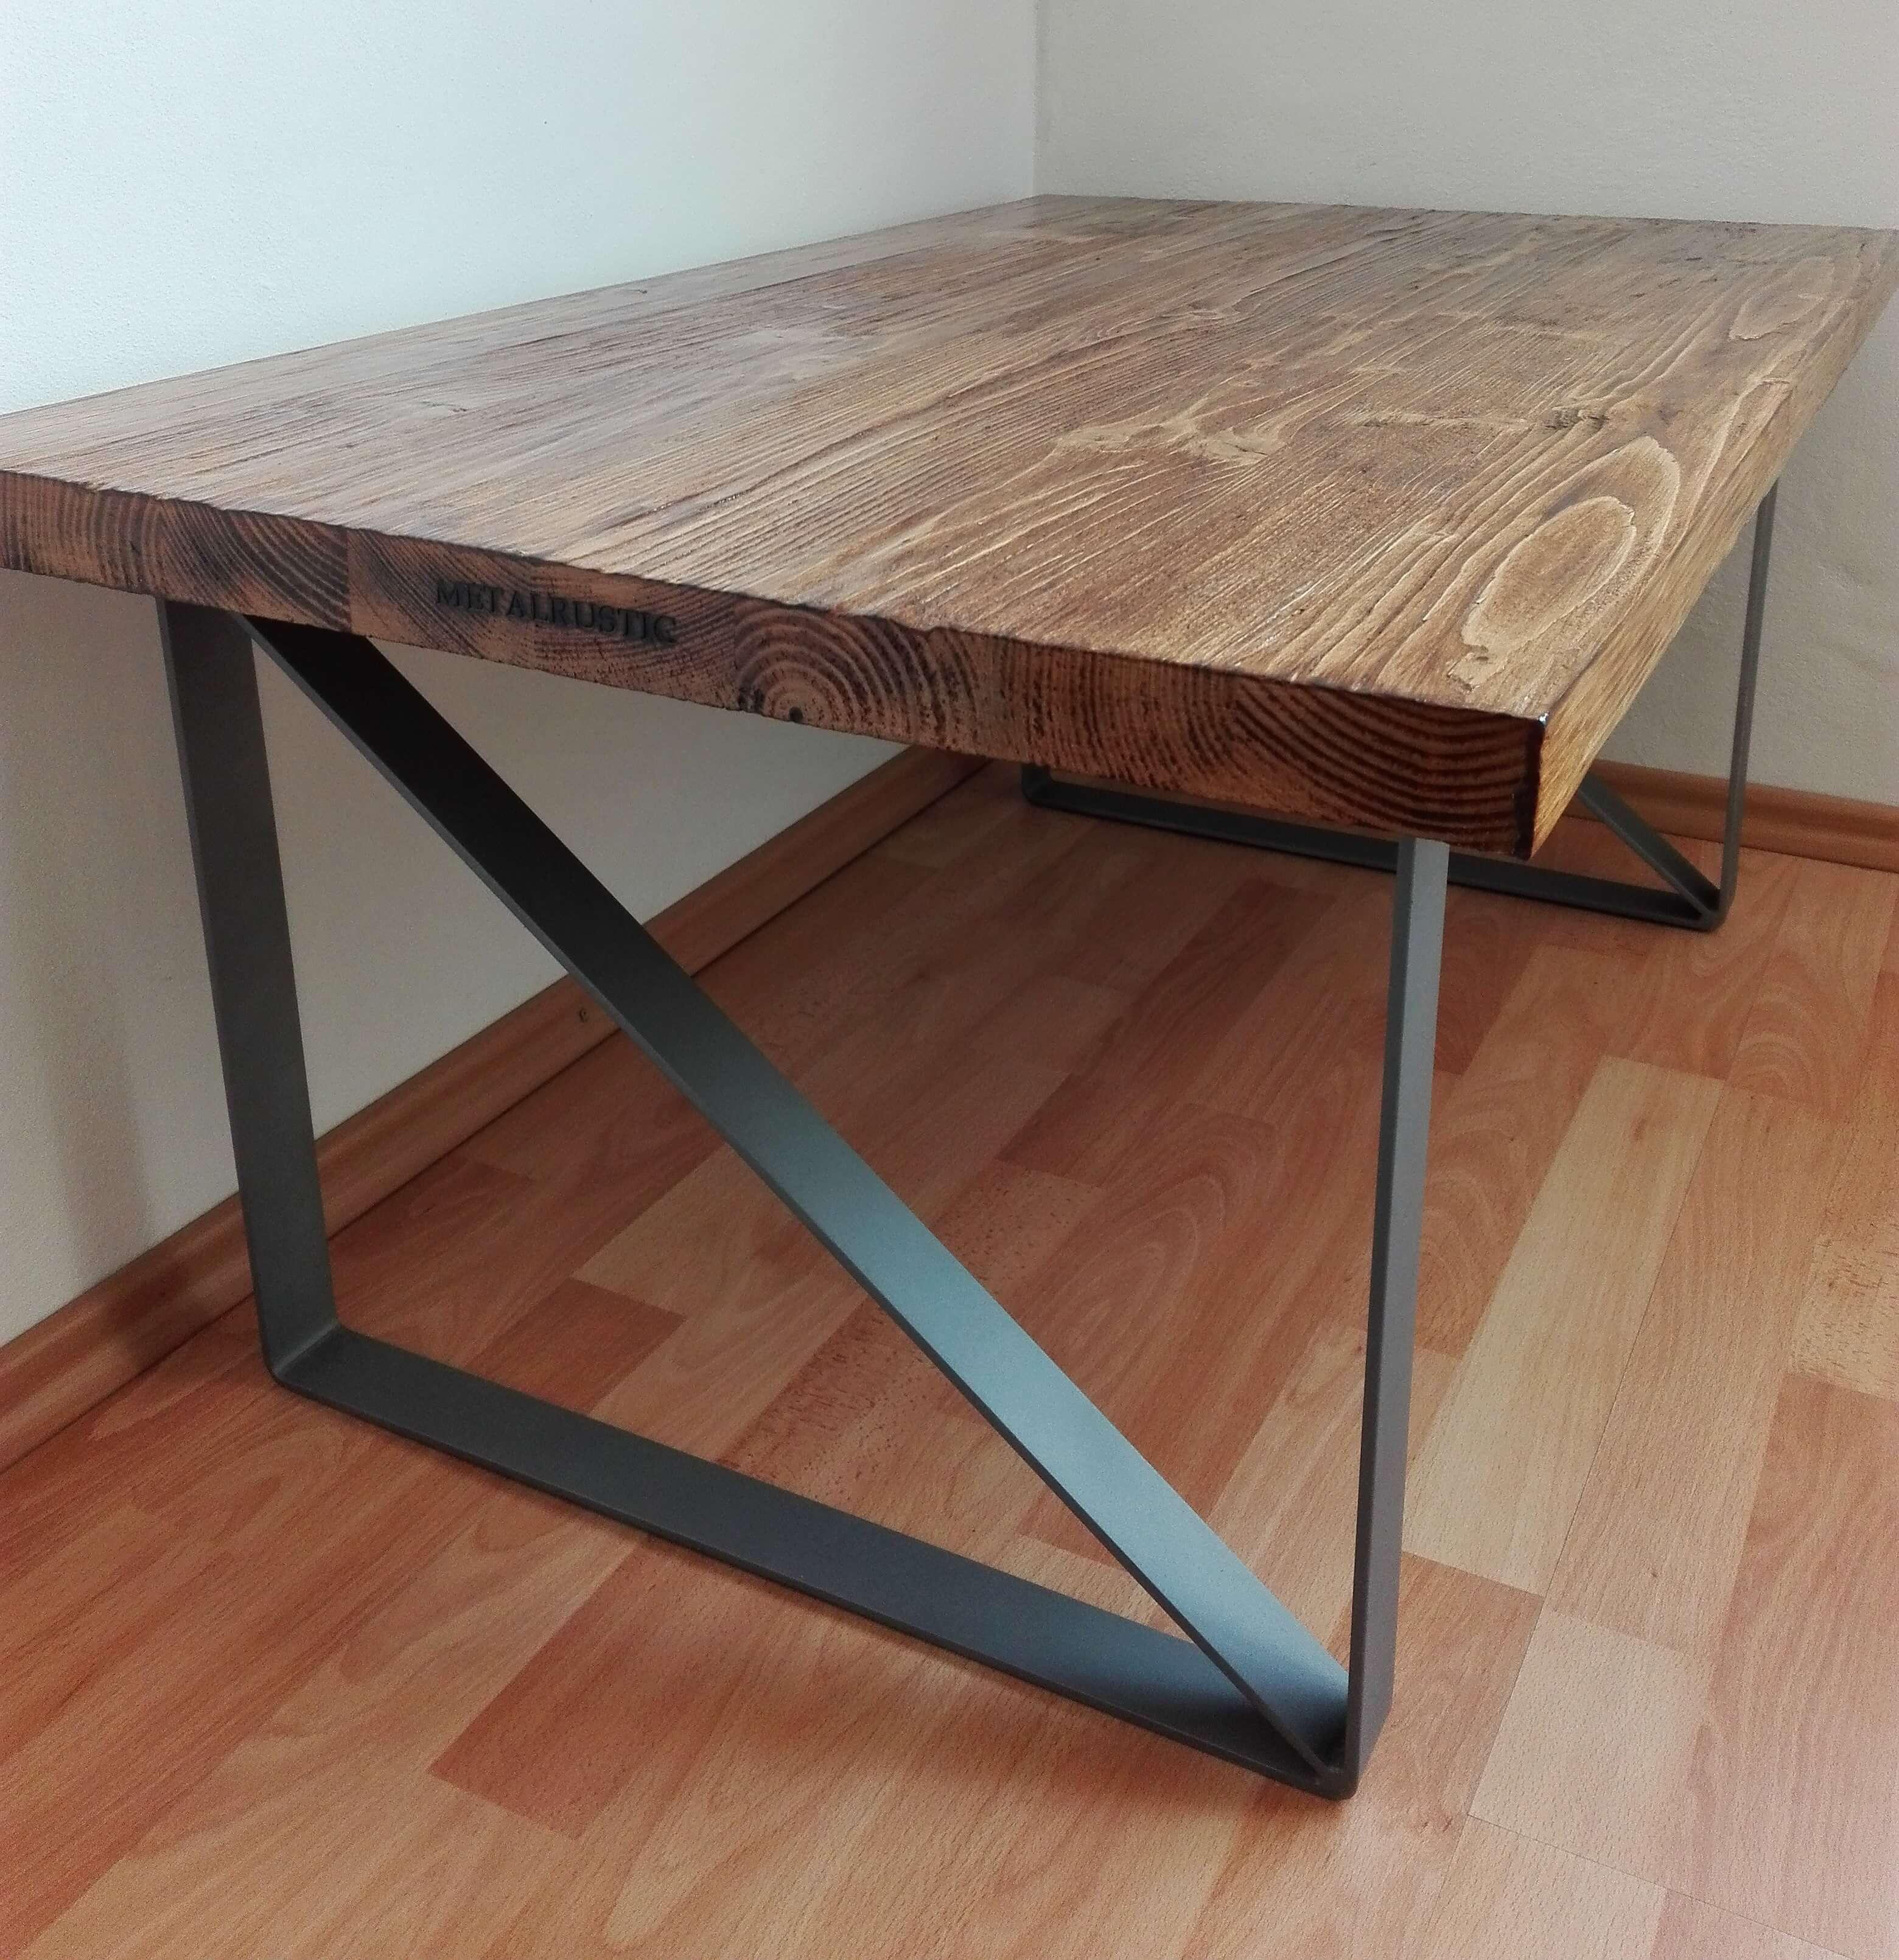 Industriálny konferenčný stôl,drevený nábytok kovaný nábytok kovaný stôl Industriální konferenční stůl dřevěný nábytek kovaný nábytek  kovaný stůl, Industrial conference table, Industrieller Konferenztisch